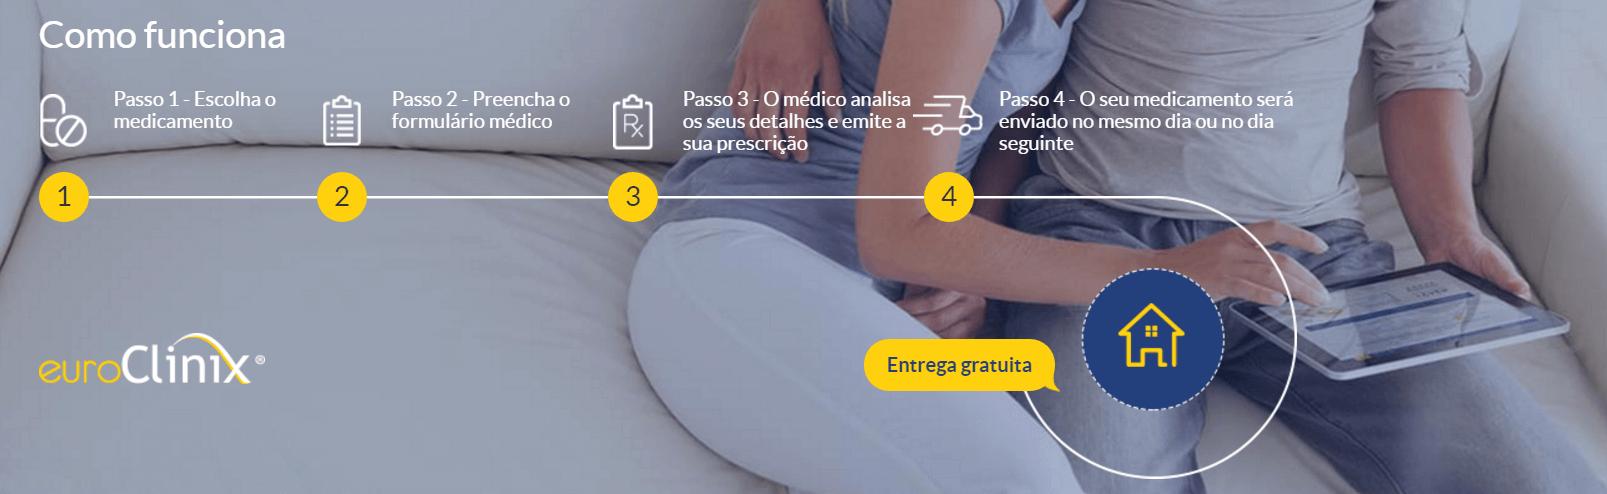 euroClinix - Como funciona